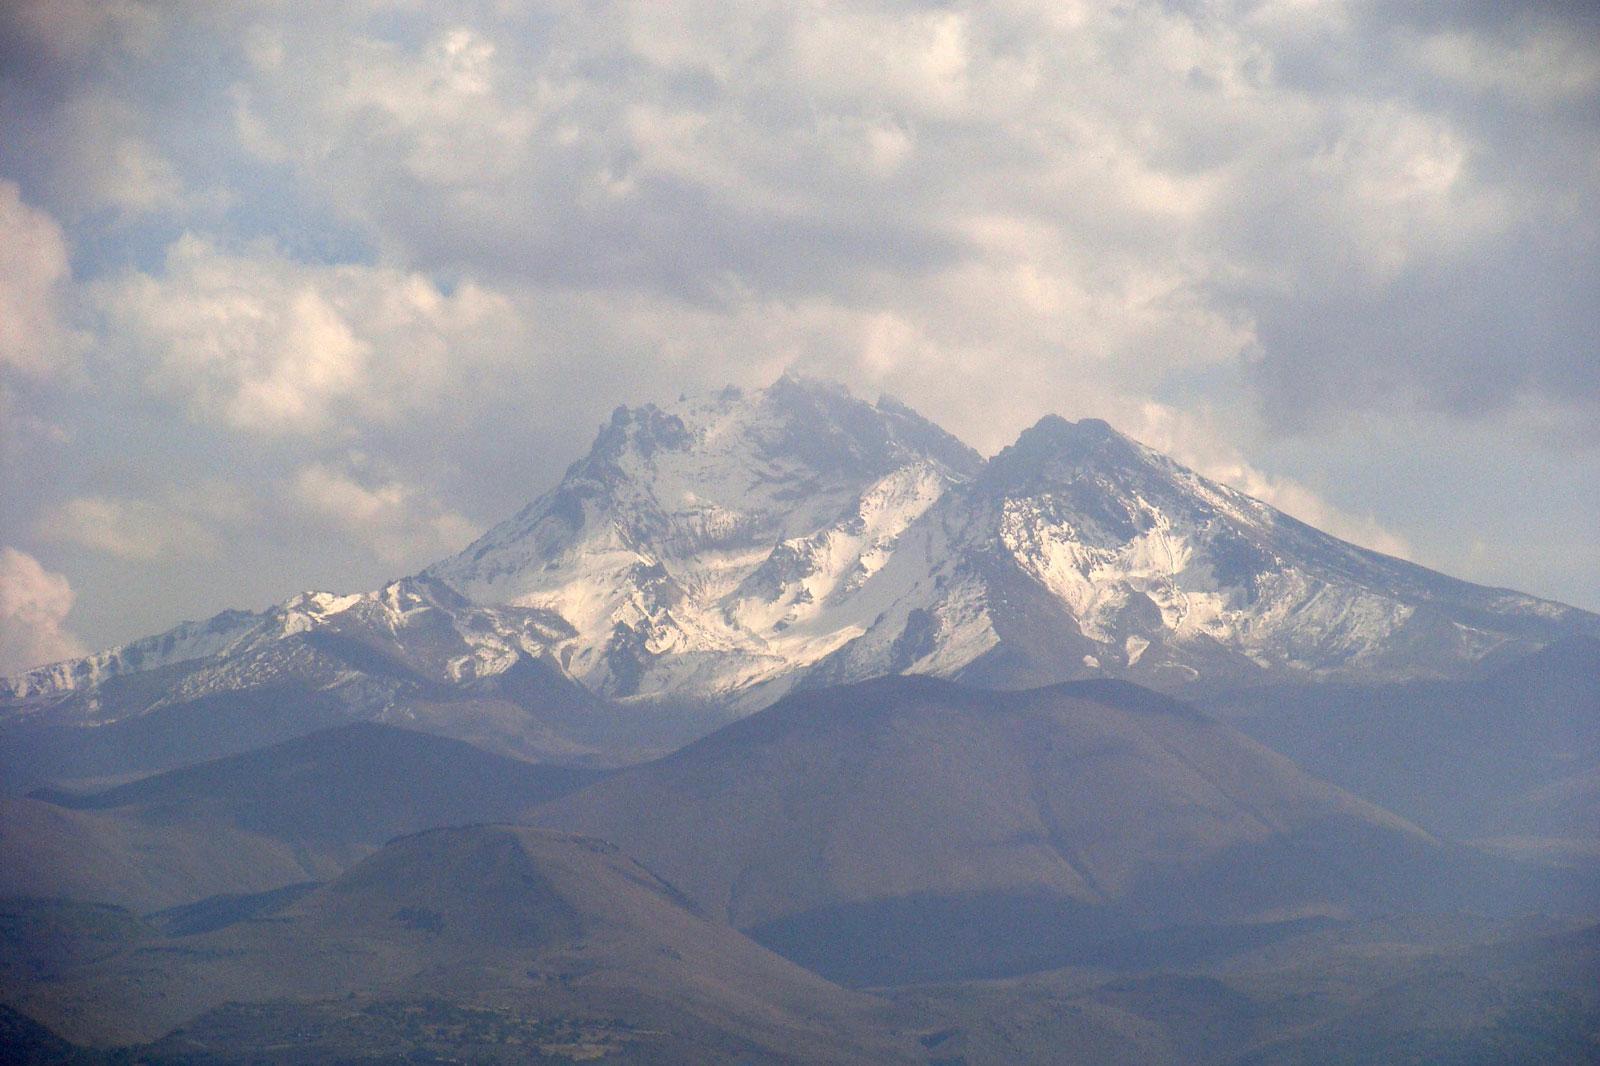 важным эрджияс вулкан фото кайсери древним сказаниям, считается